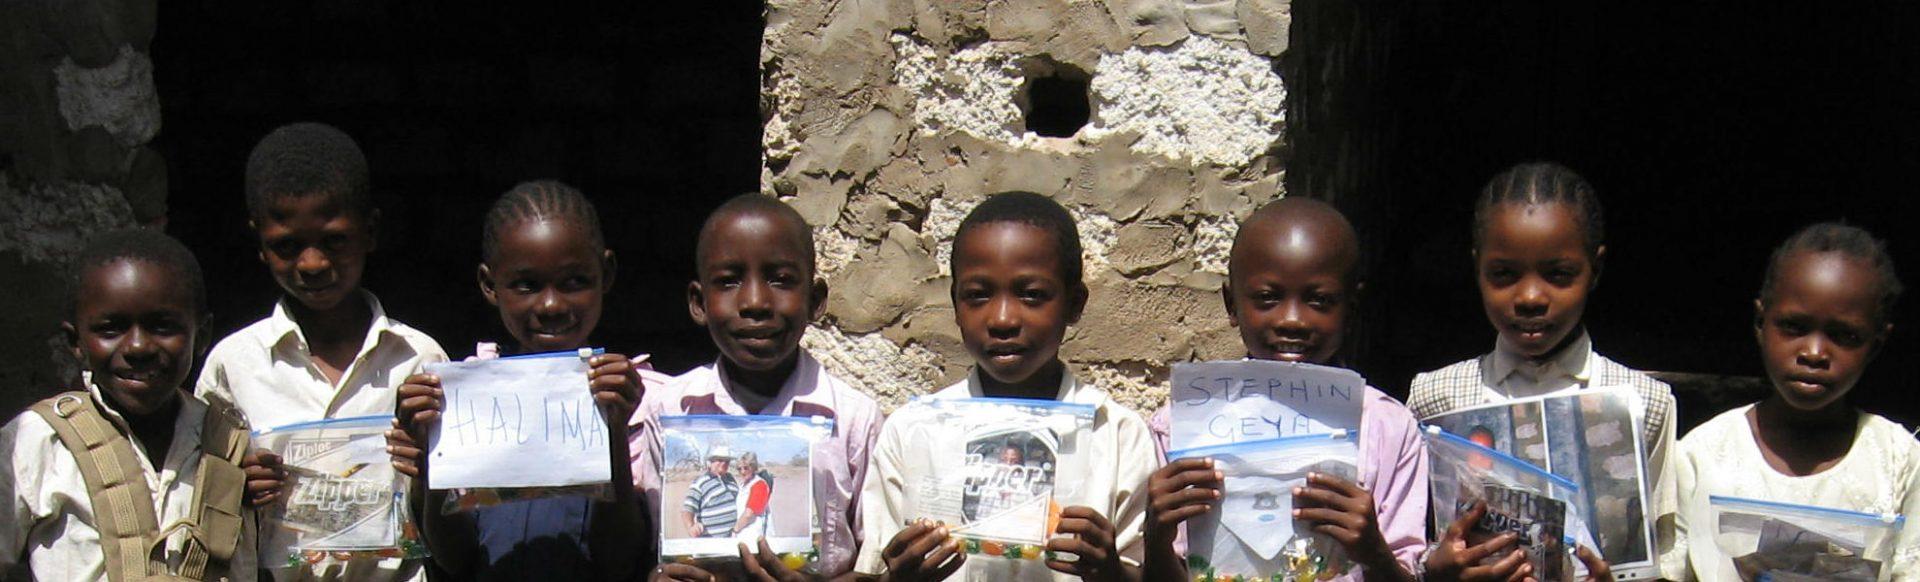 Patenkinder des Reisekontor Schmidt mit Geschenken ihrer Pateneltern